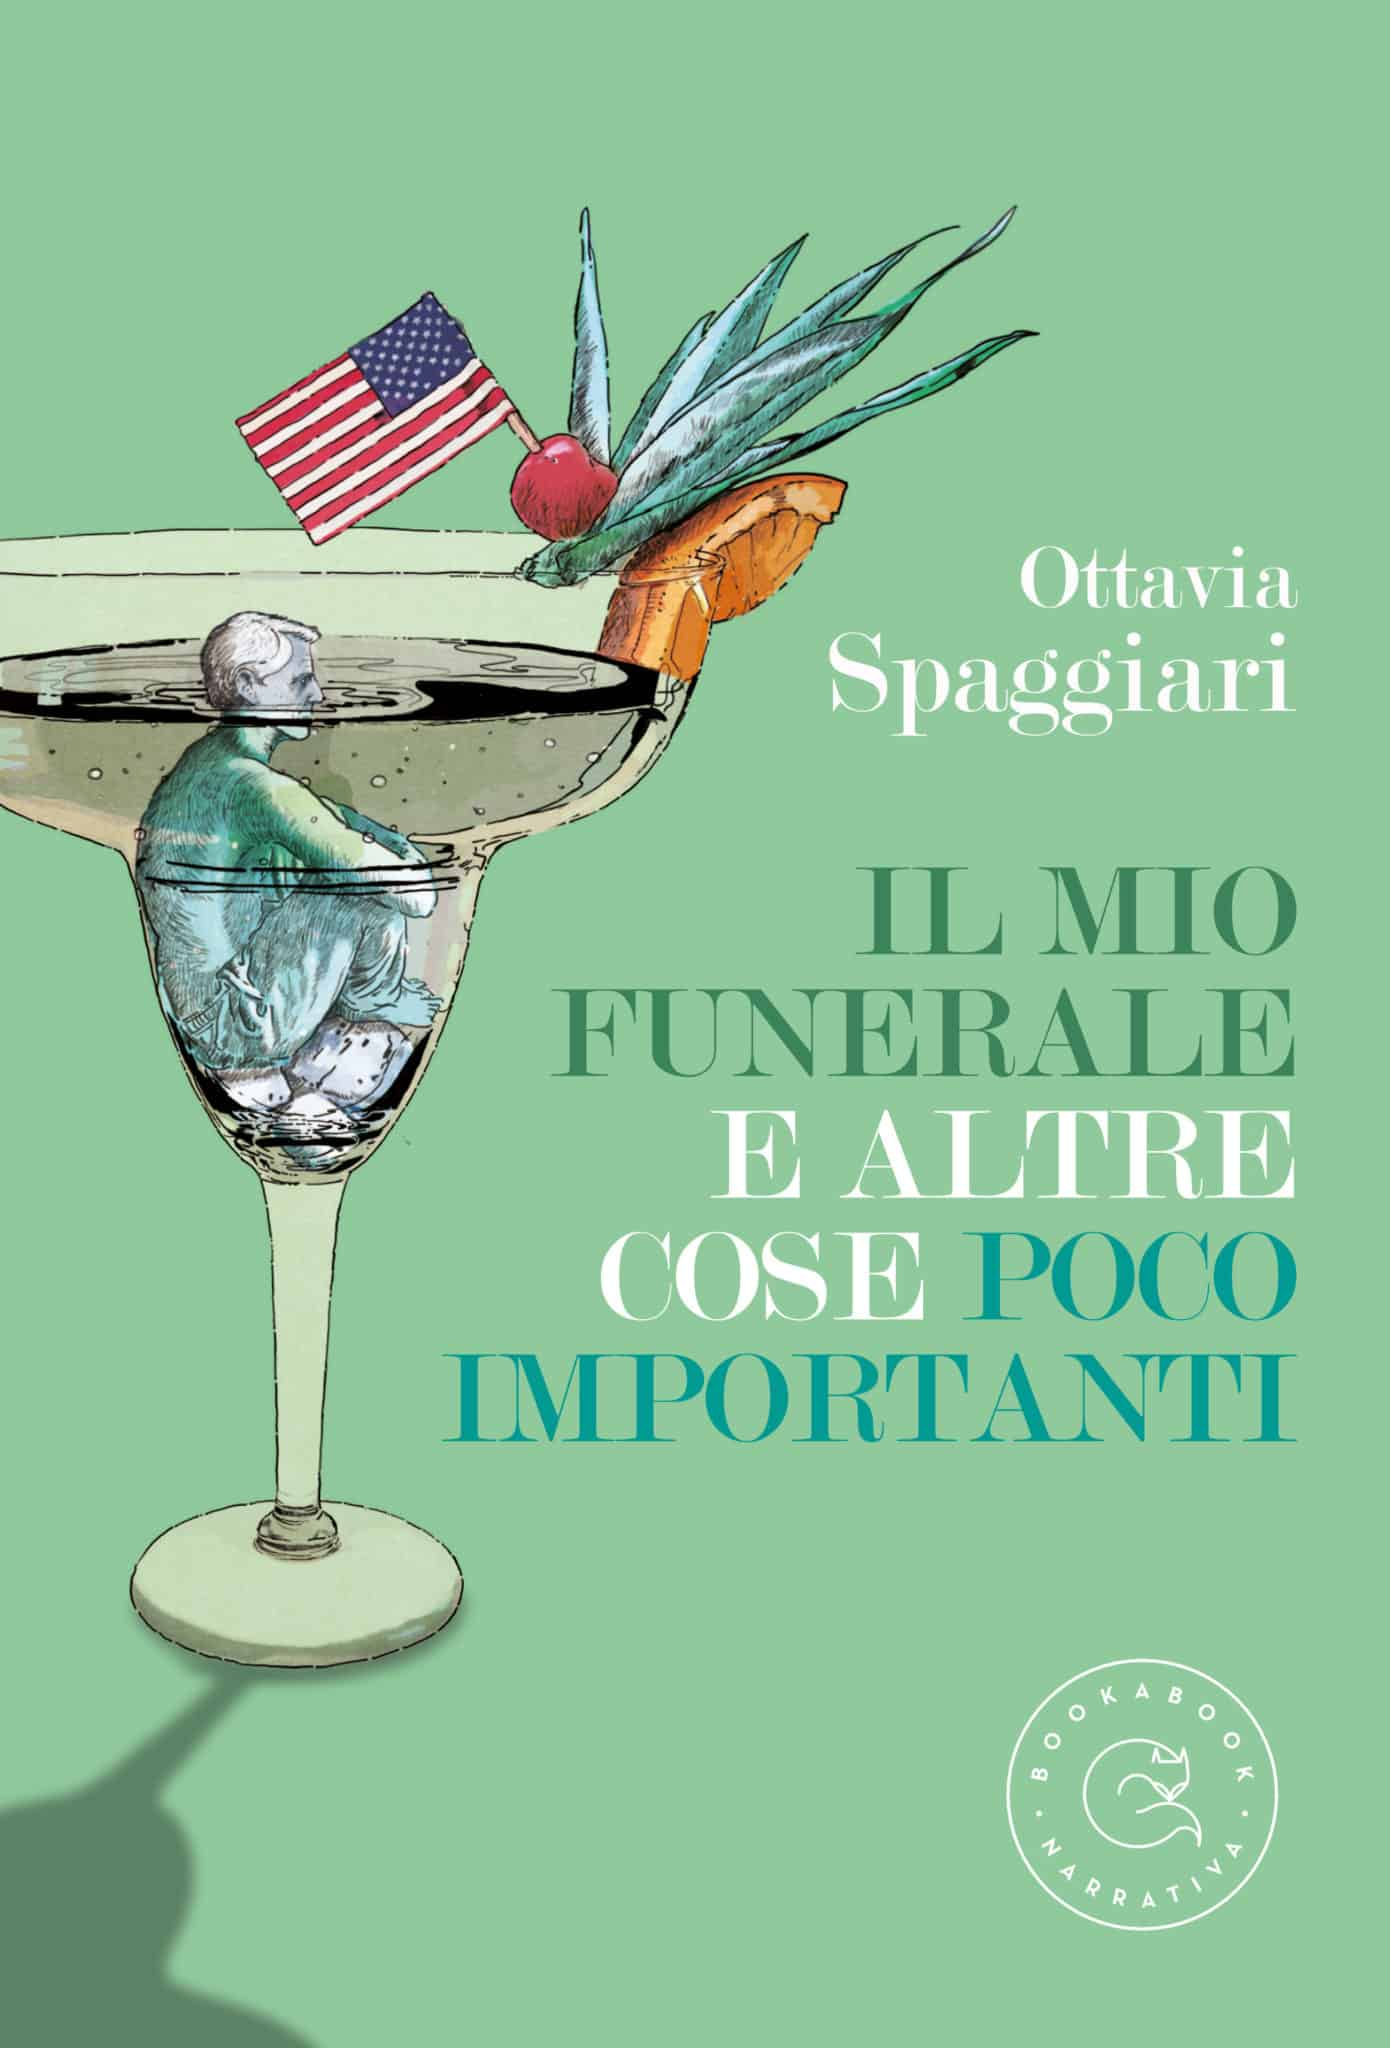 Recensione di Il Mio Funerale E Altre Cose Poco Importanti – Ottavia Spaggiari